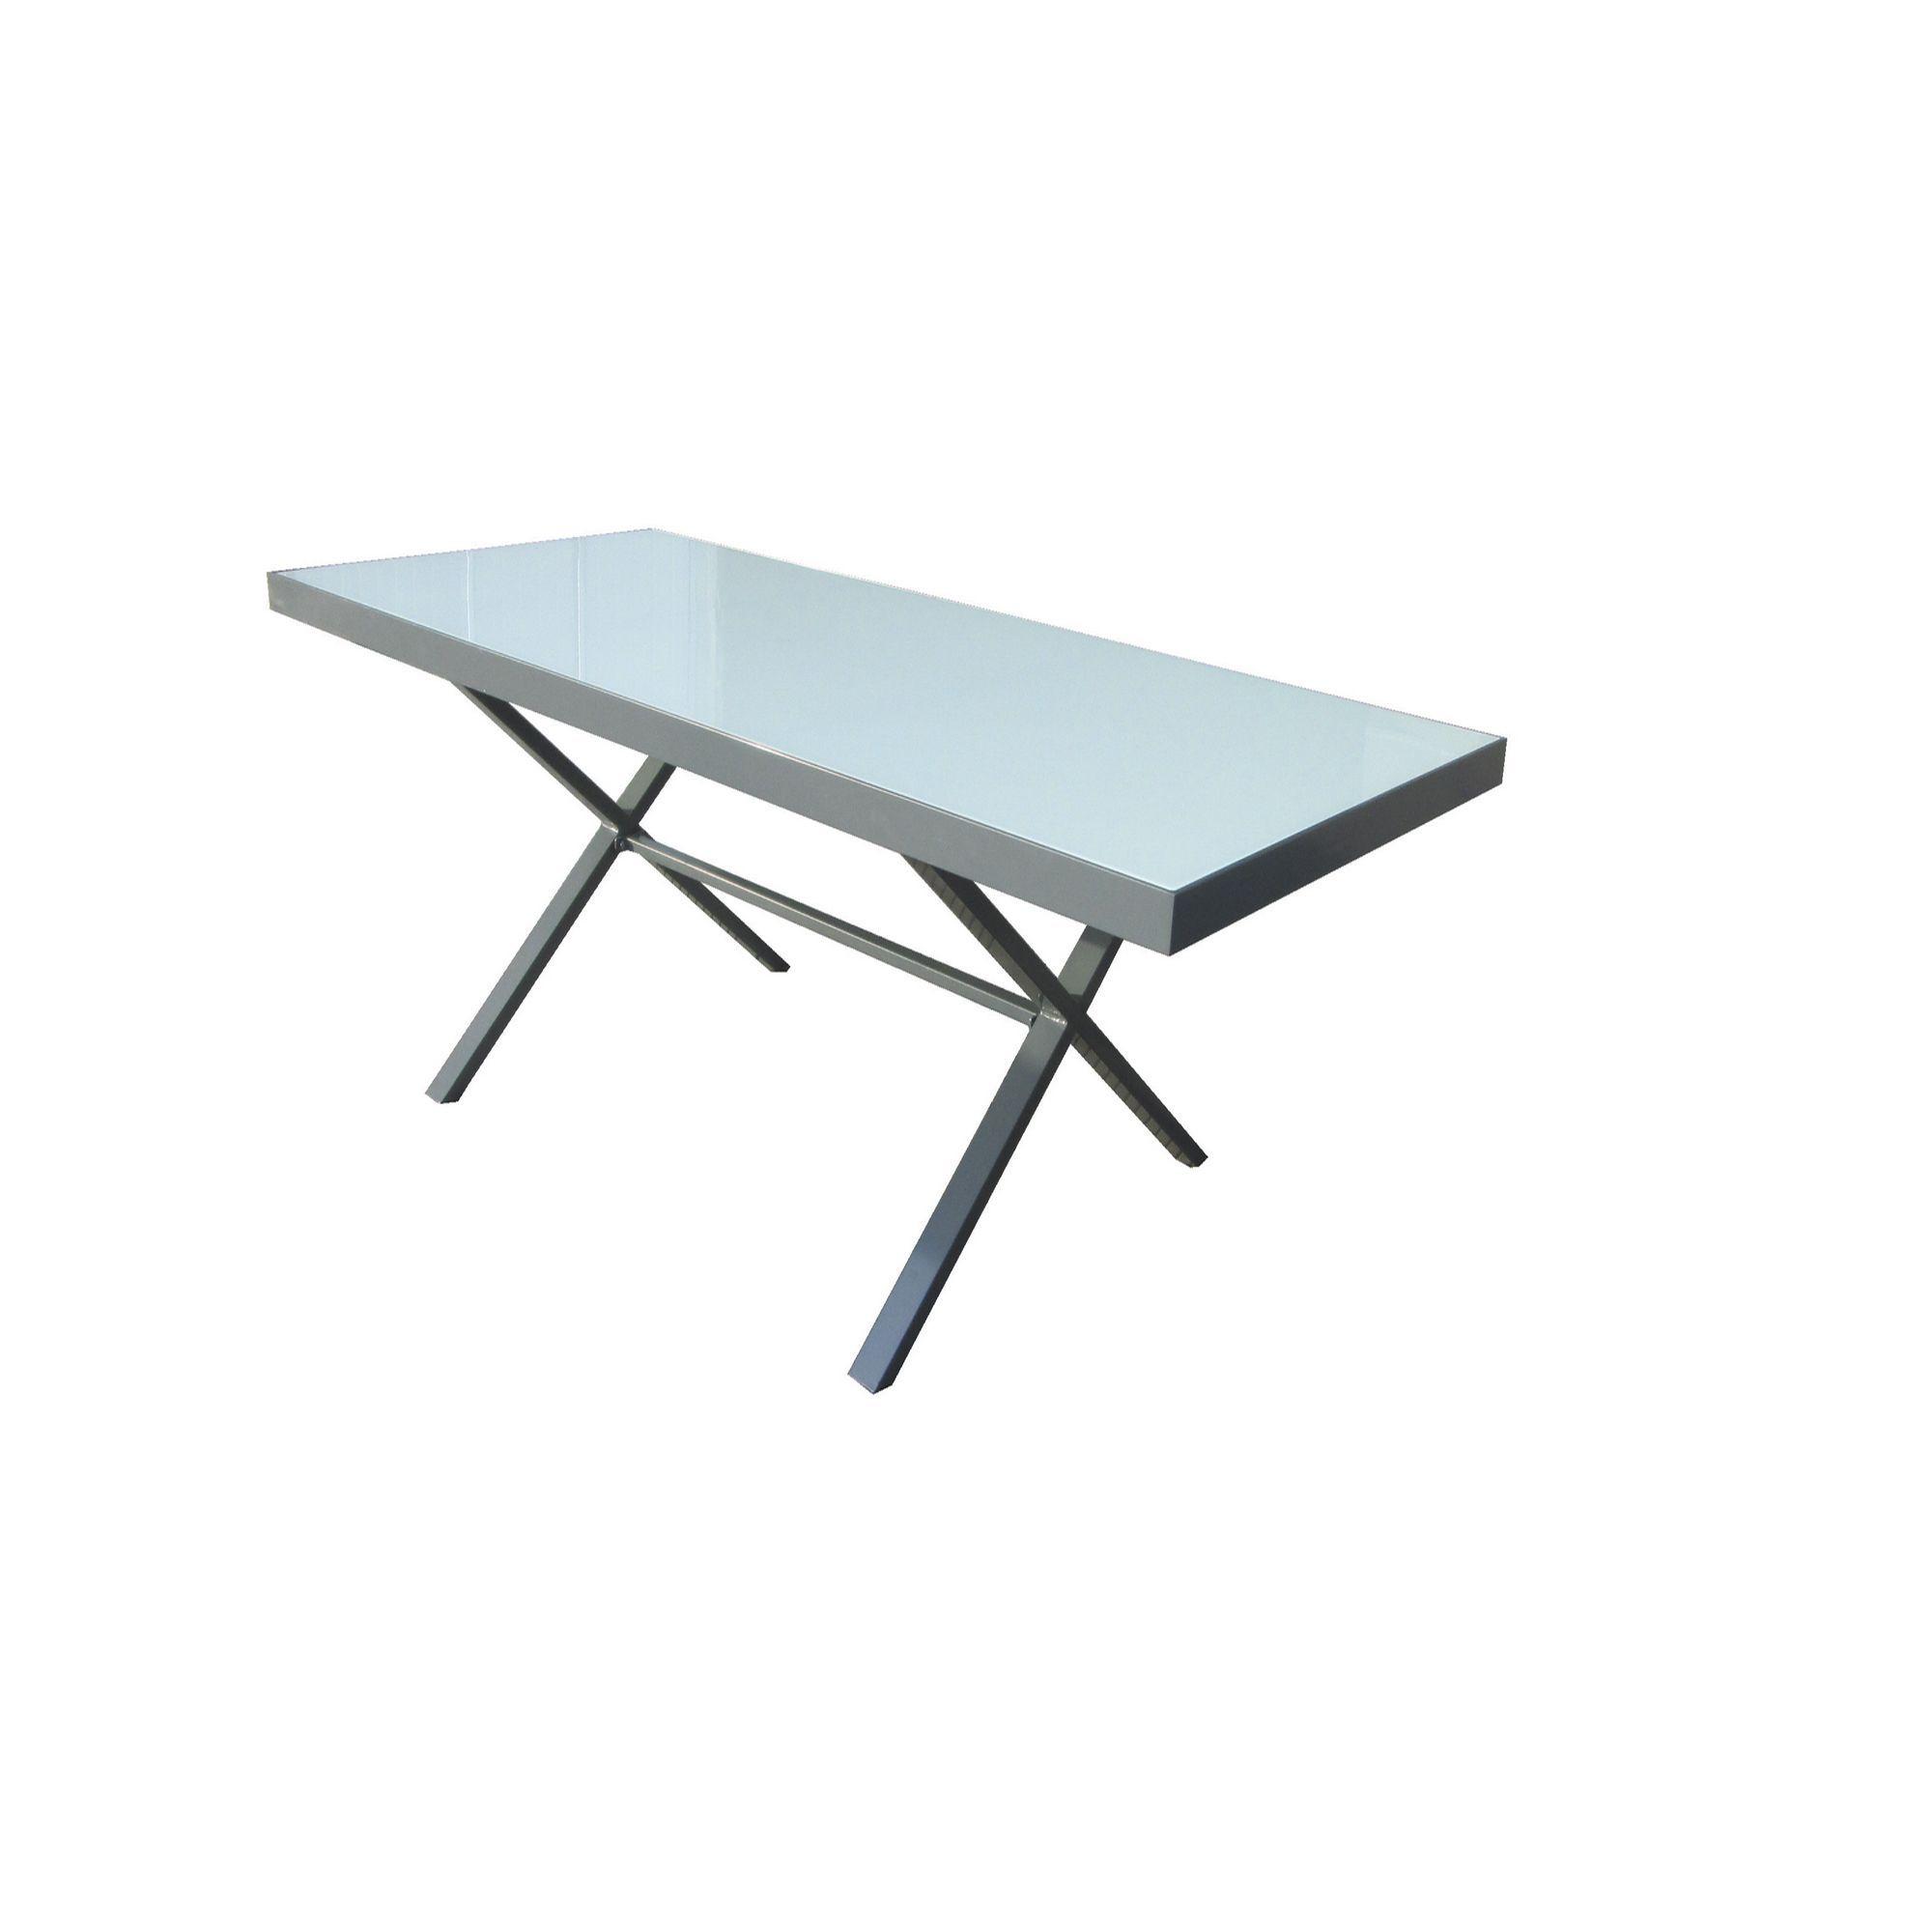 Table De Jardin Pieds Croisés En Aluminium Et Verre Noir ... concernant Salon De Jardin Aluminium Et Verre